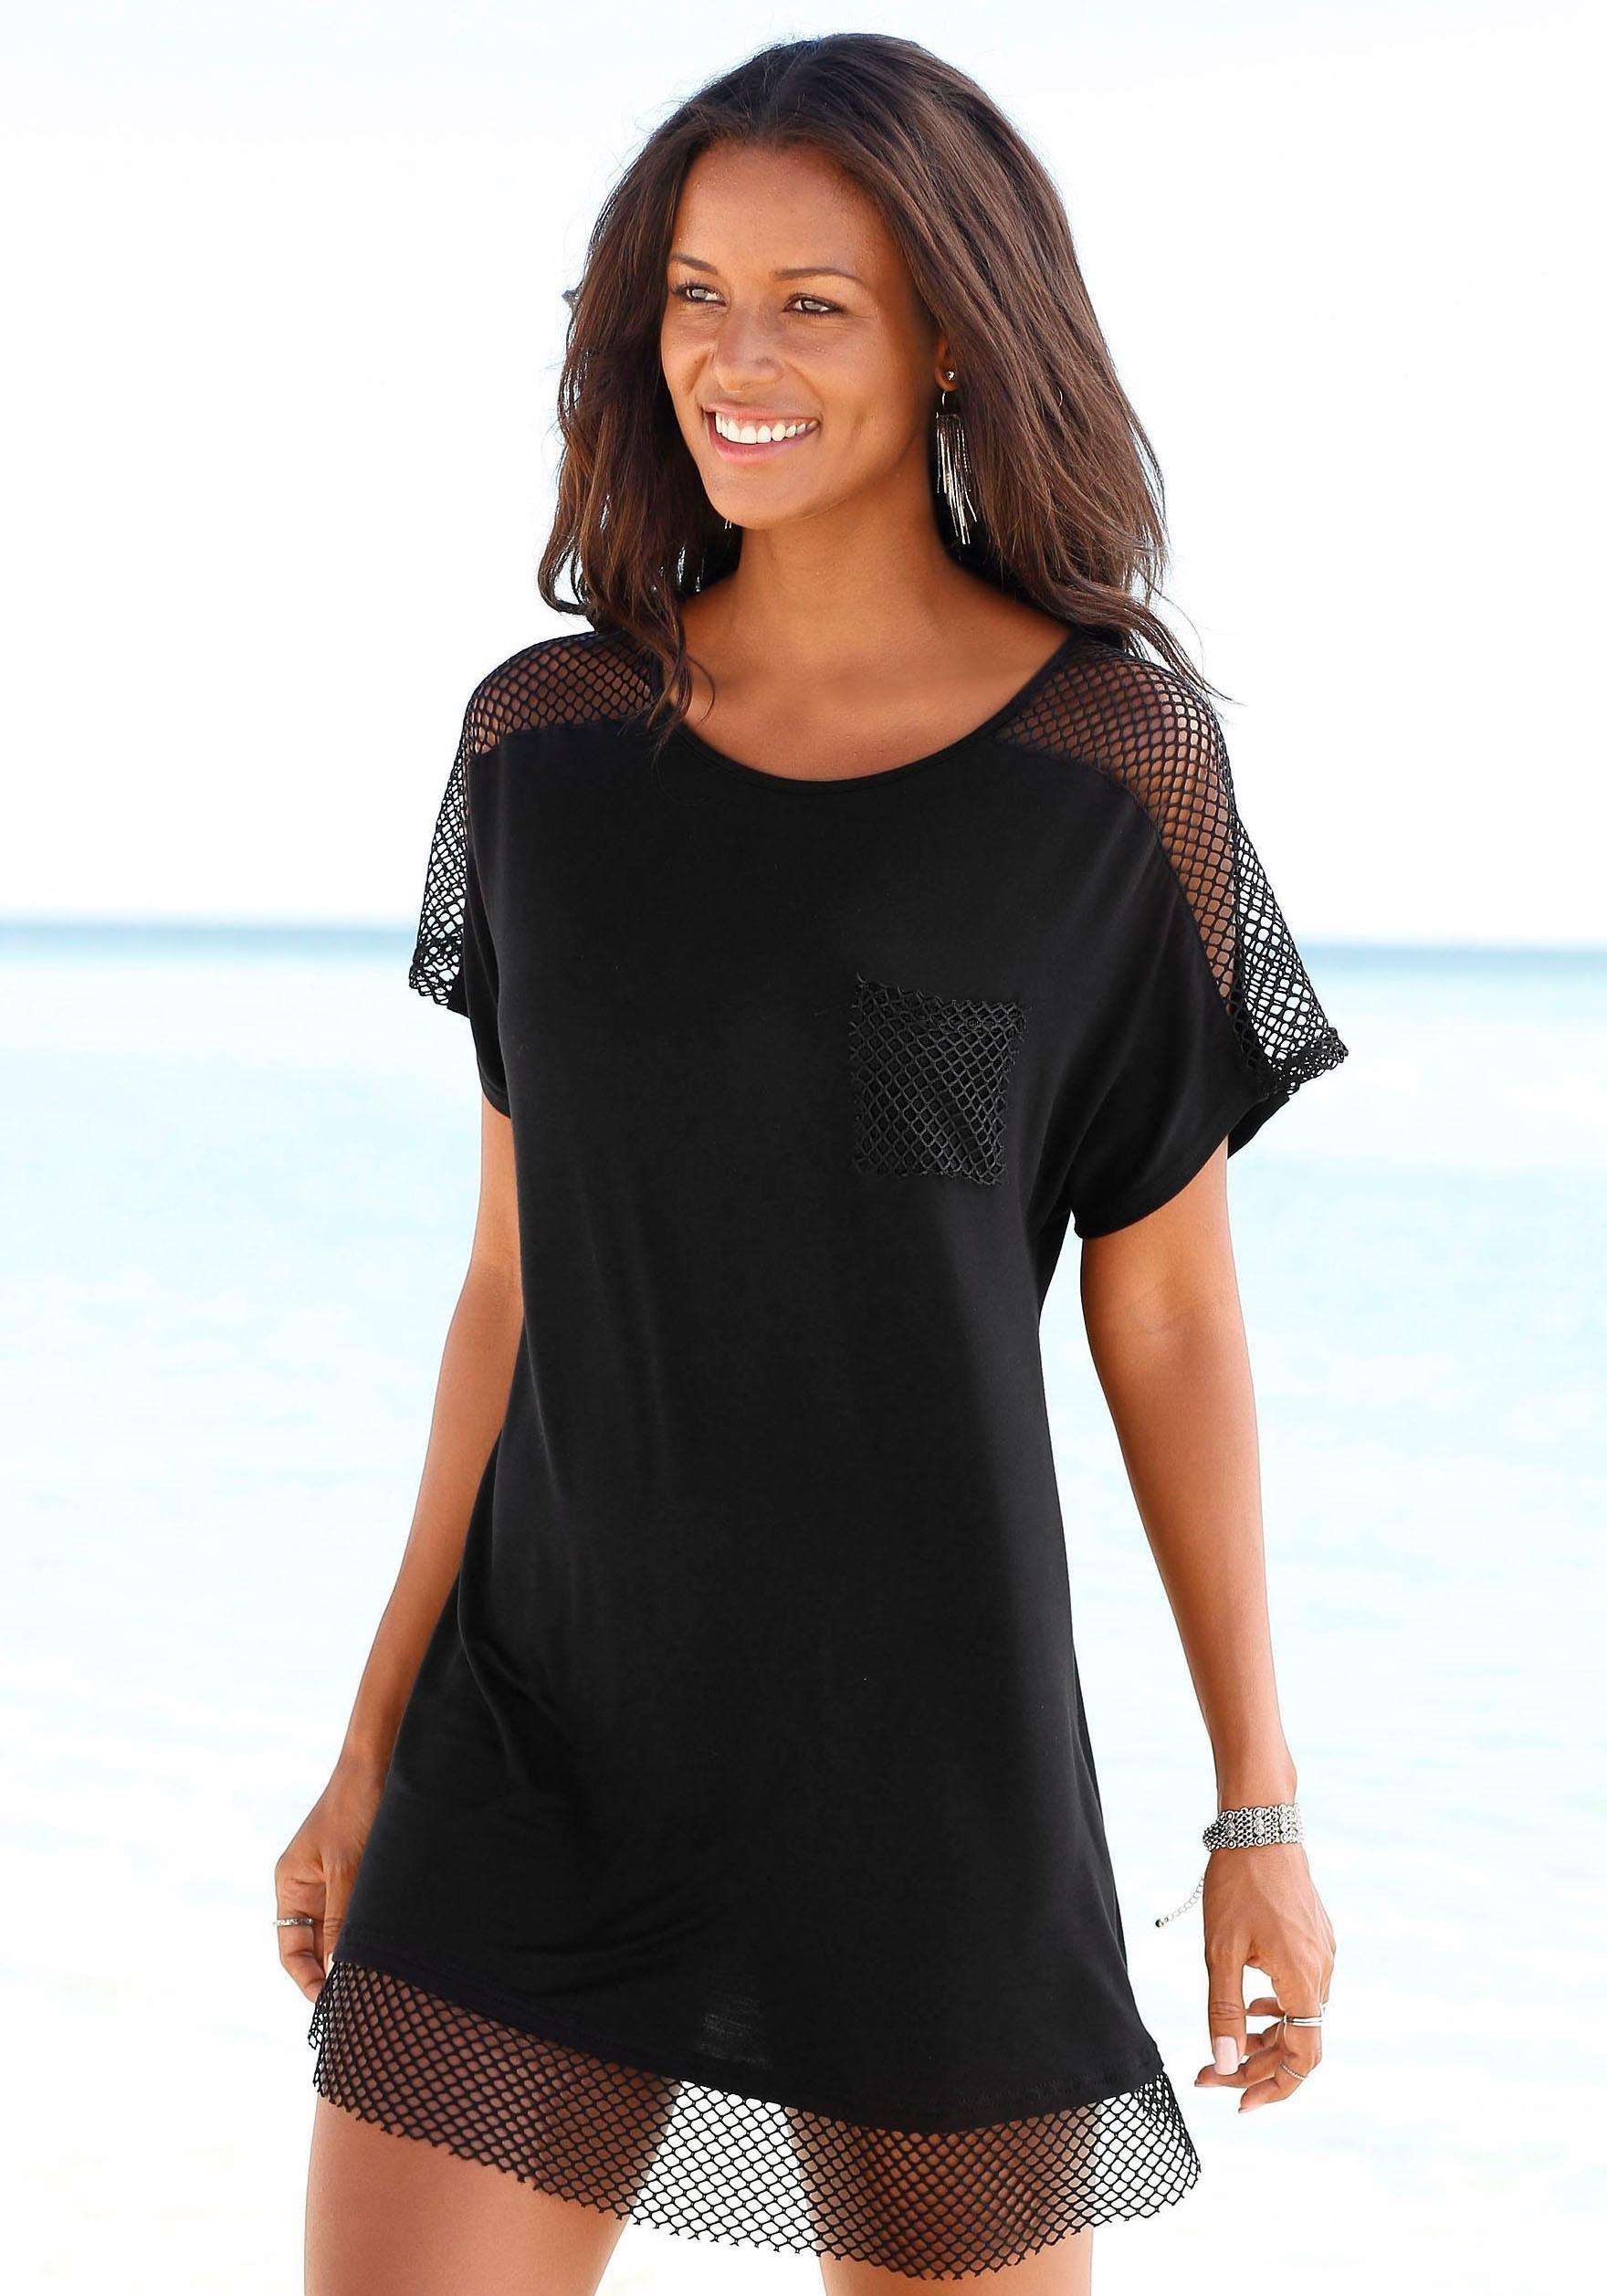 s.Oliver RED LABEL Beachwear lang shirt met mesh-inzetten goedkoop op lascana.nl kopen